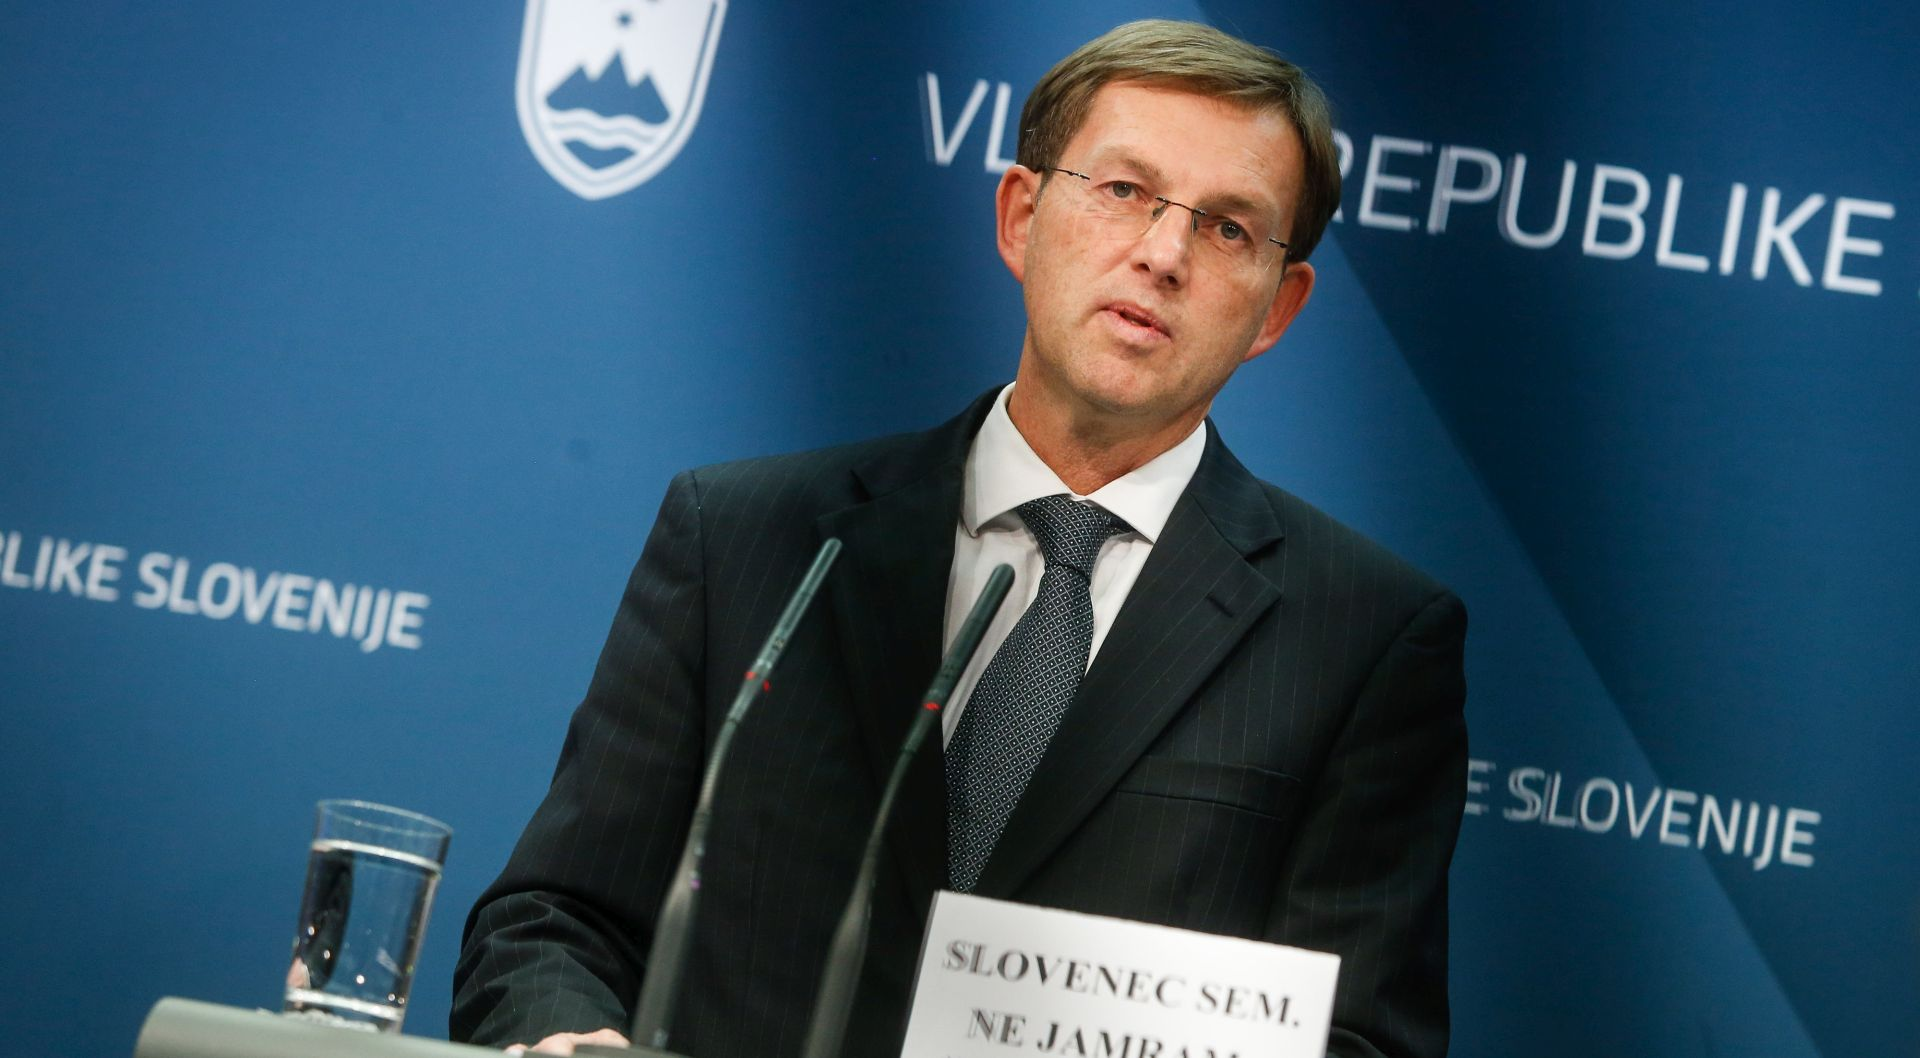 Cerar: Slovenska vlada nastavlja djelovati bez promjena i rekonstrukcije